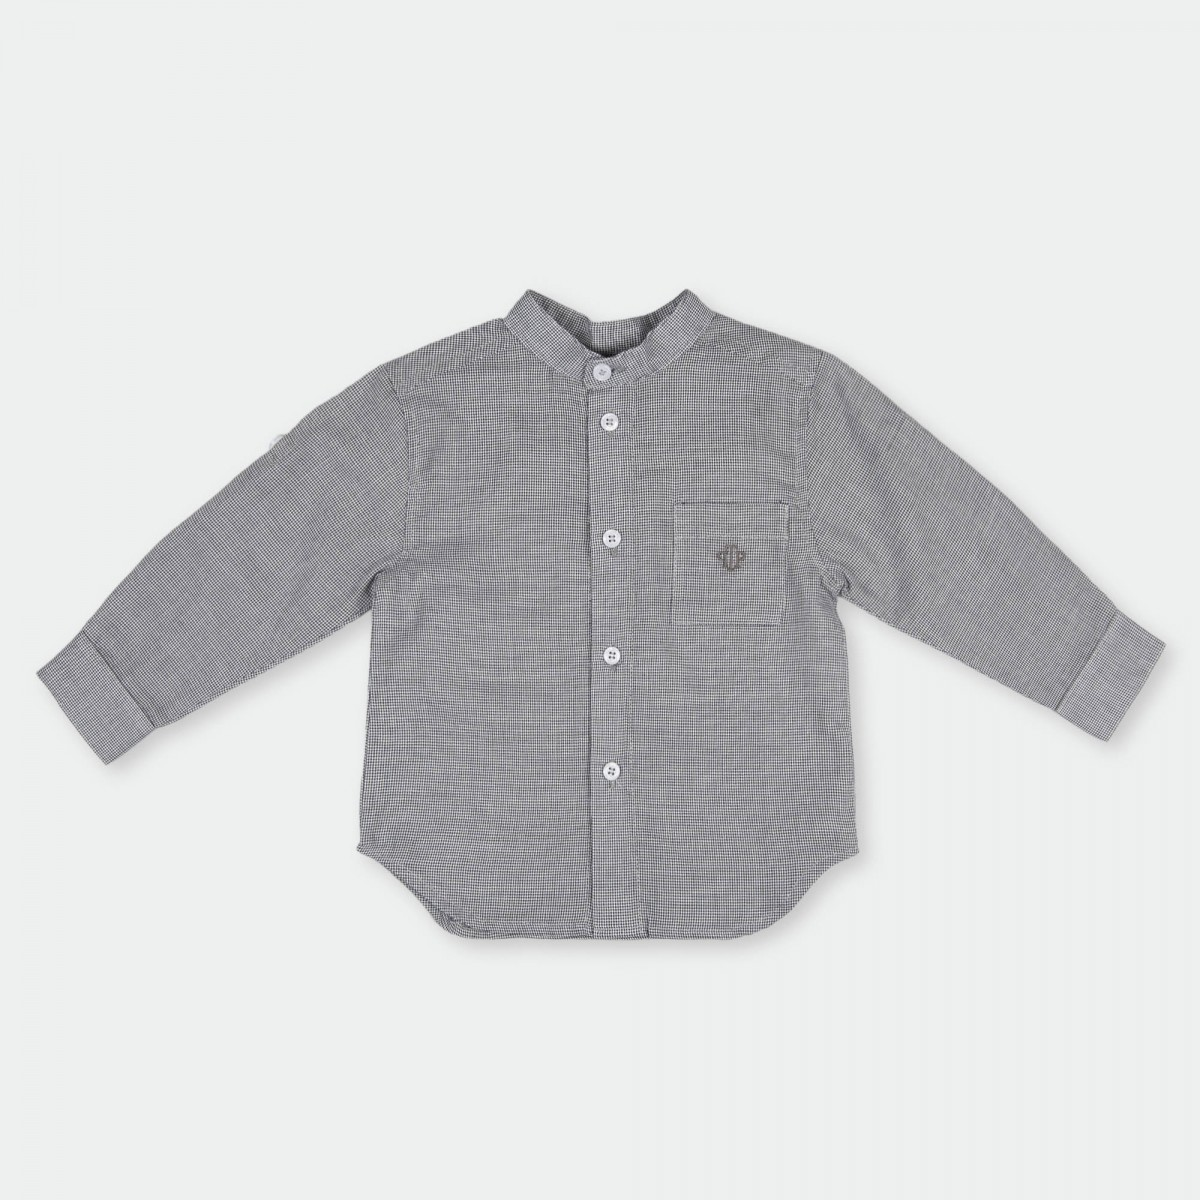 Camisa m/l_2022S17